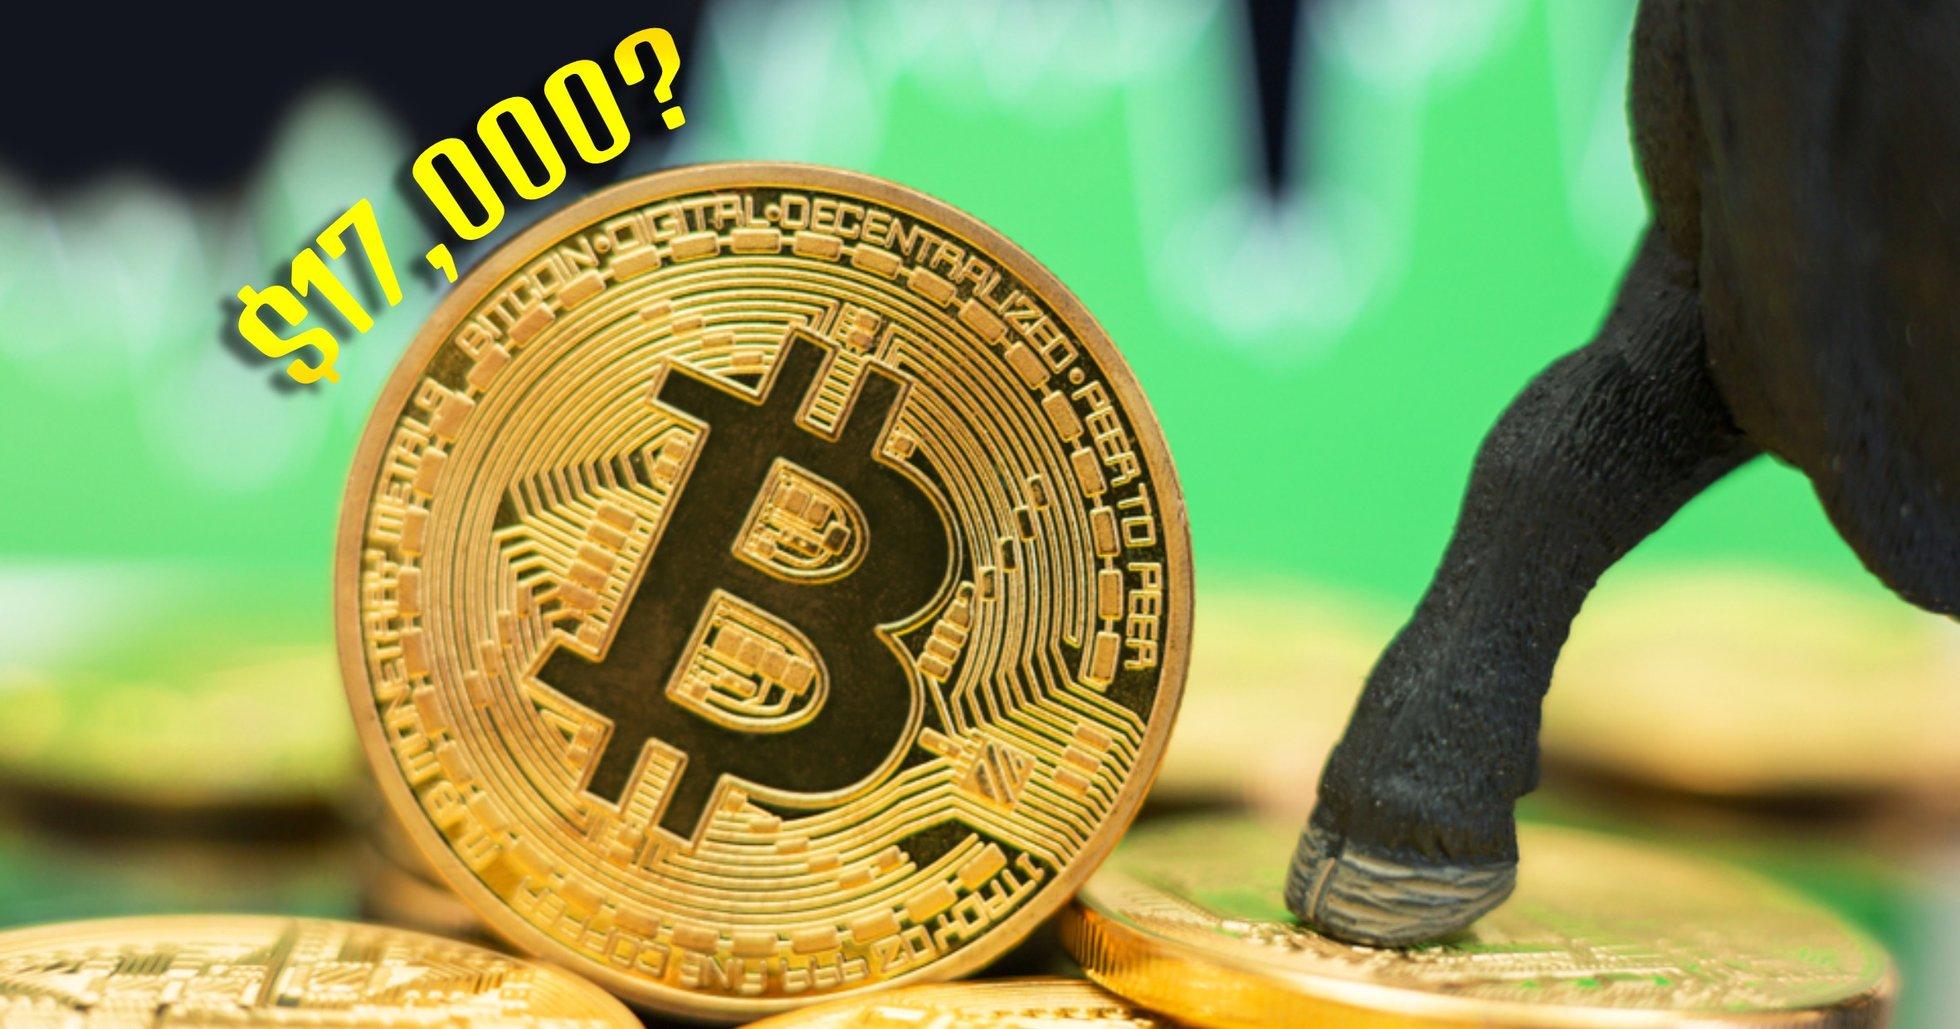 Analytiker när bitcoin når sitt högsta pris sedan augusti: 17 000 dollar i blickfånget